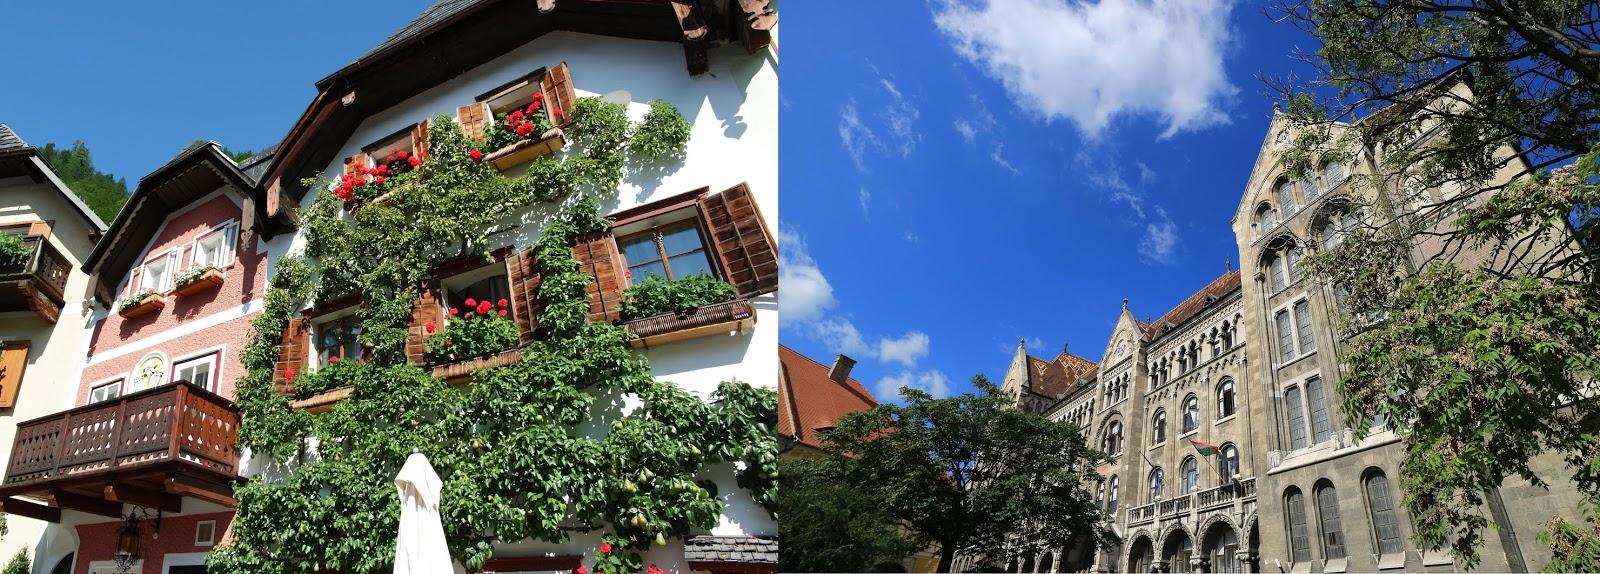 Perbandingan hasil foto Fujifilm X-A3 dengan Canon M3